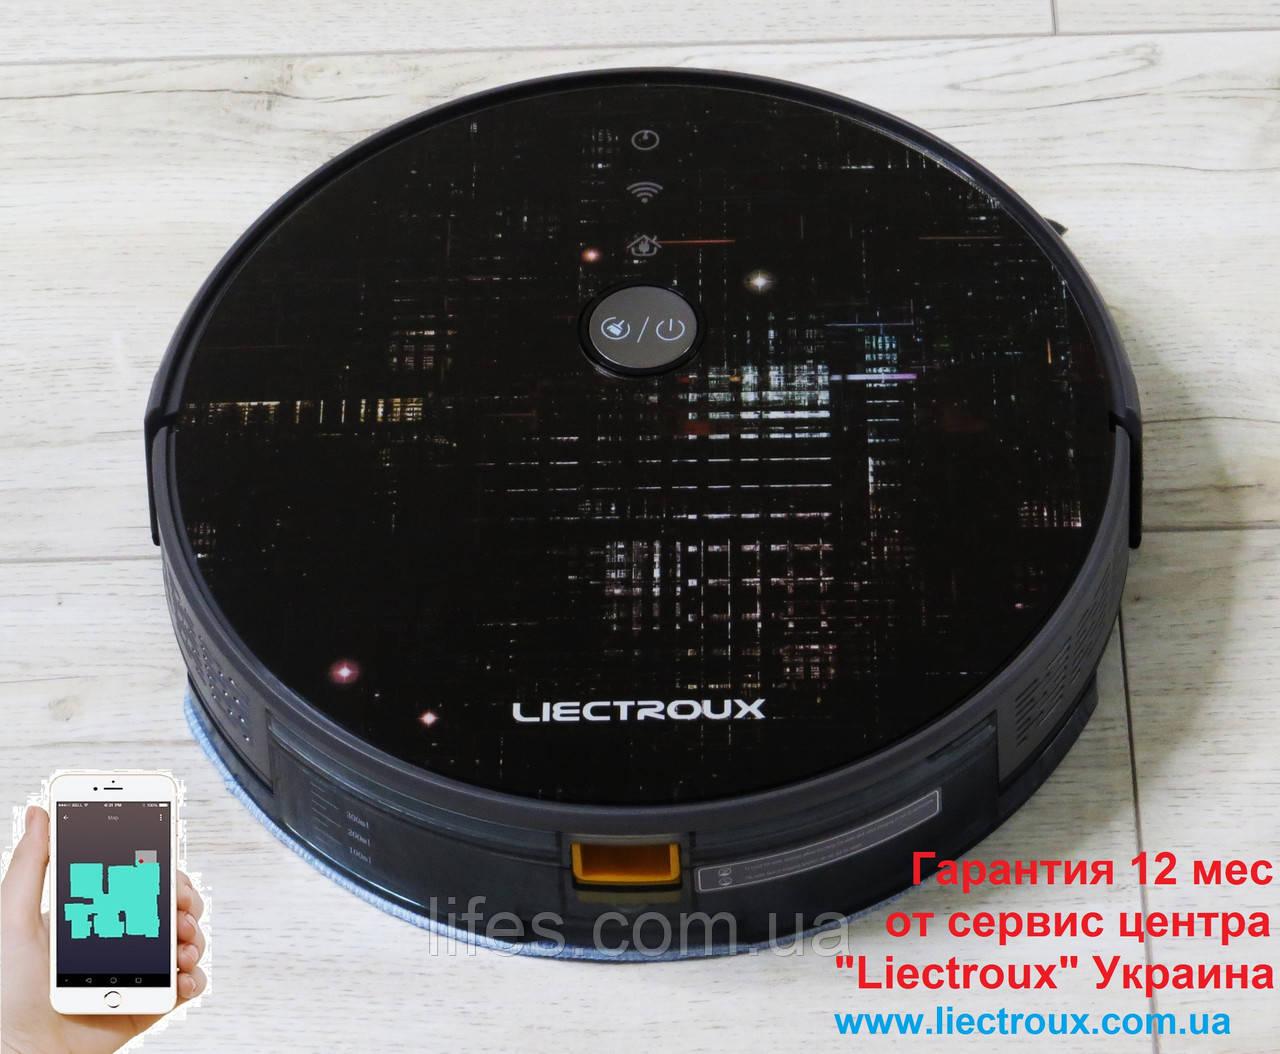 Робот - пылесос LIECTROUX C30B. Ночной город. WI-FI. Немецкий бренд. Европейская версия. Модель 2020 года.